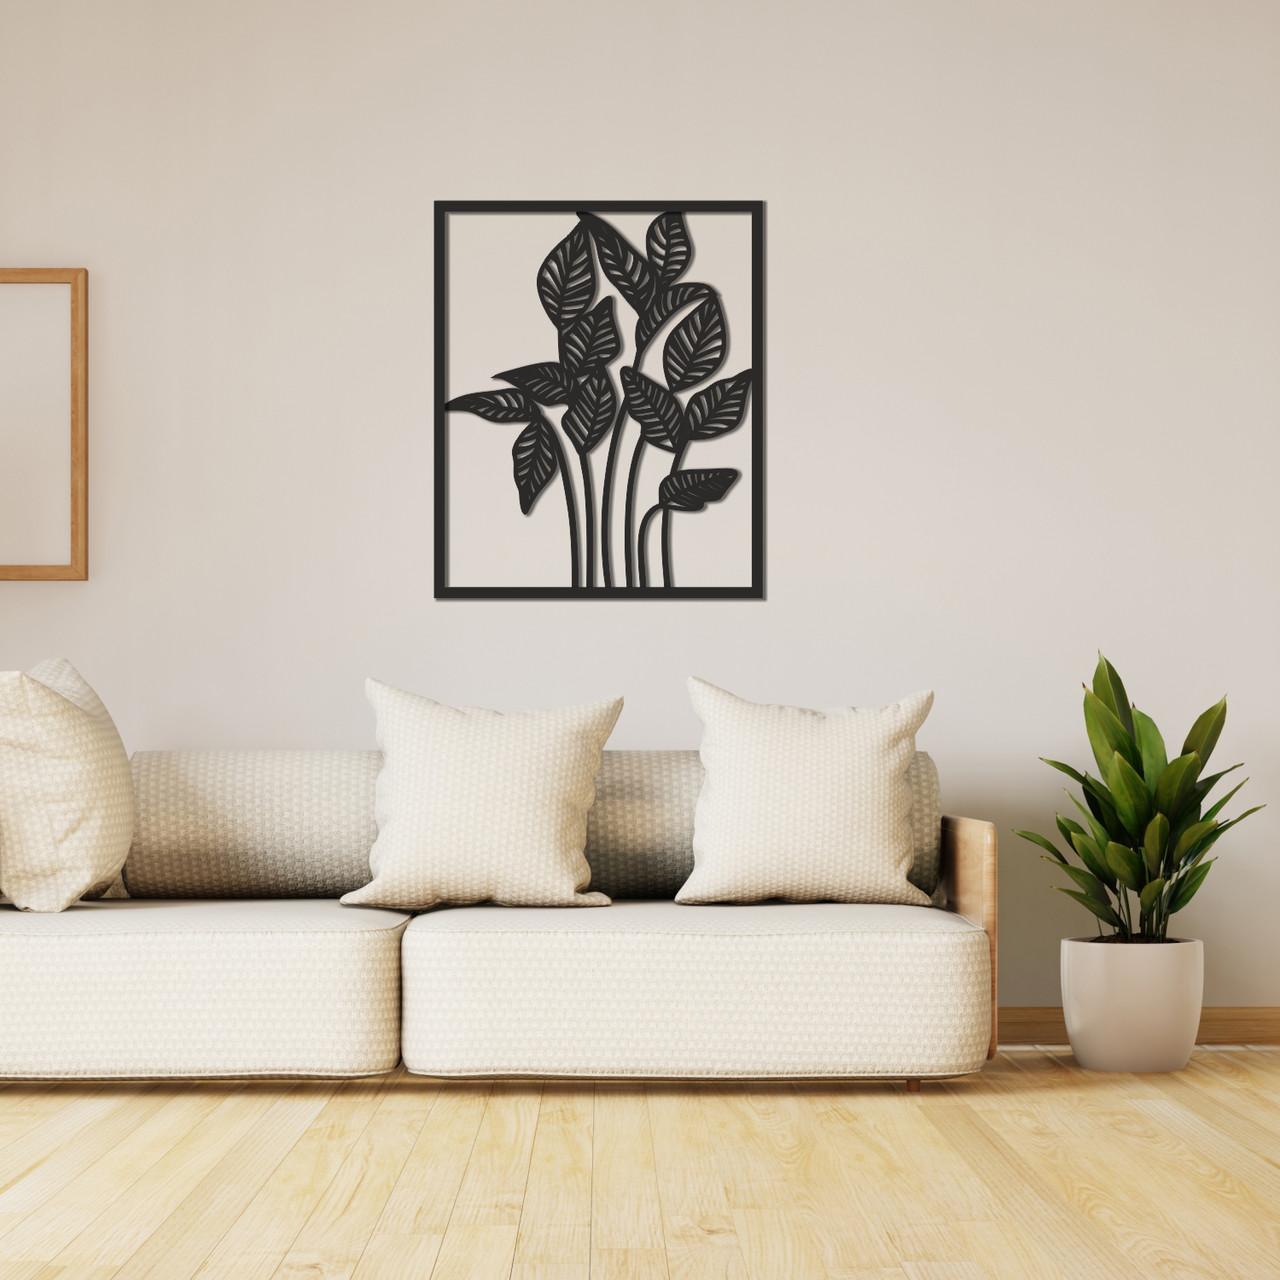 Деревянное интерьерное панно на стену «Растение»